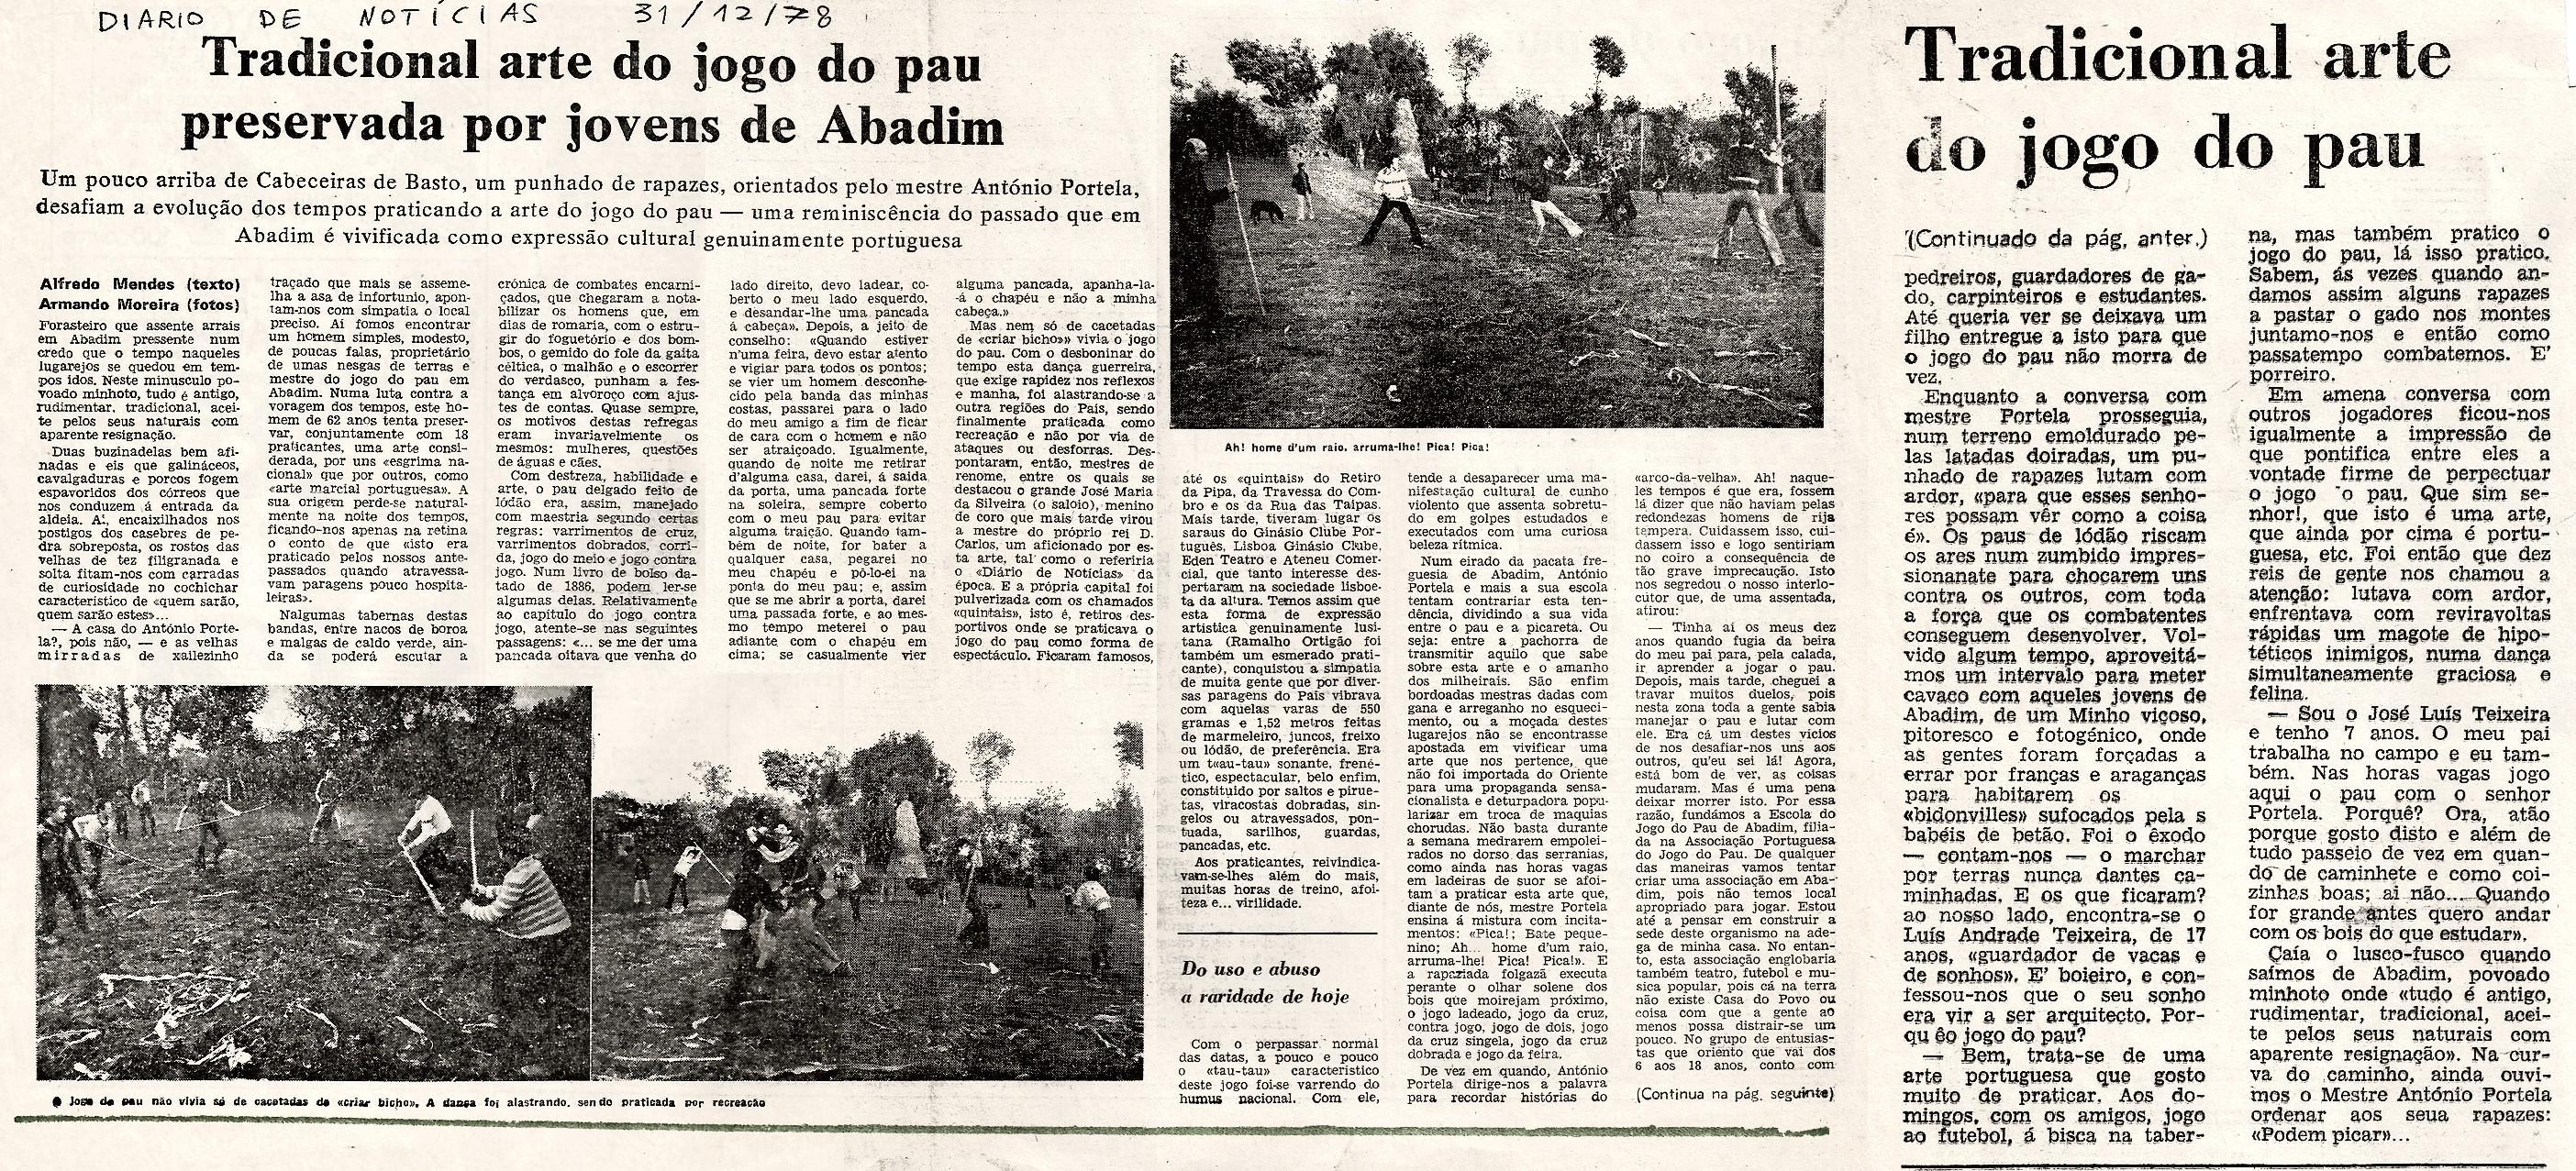 abadim-DiariodeNoticias1978